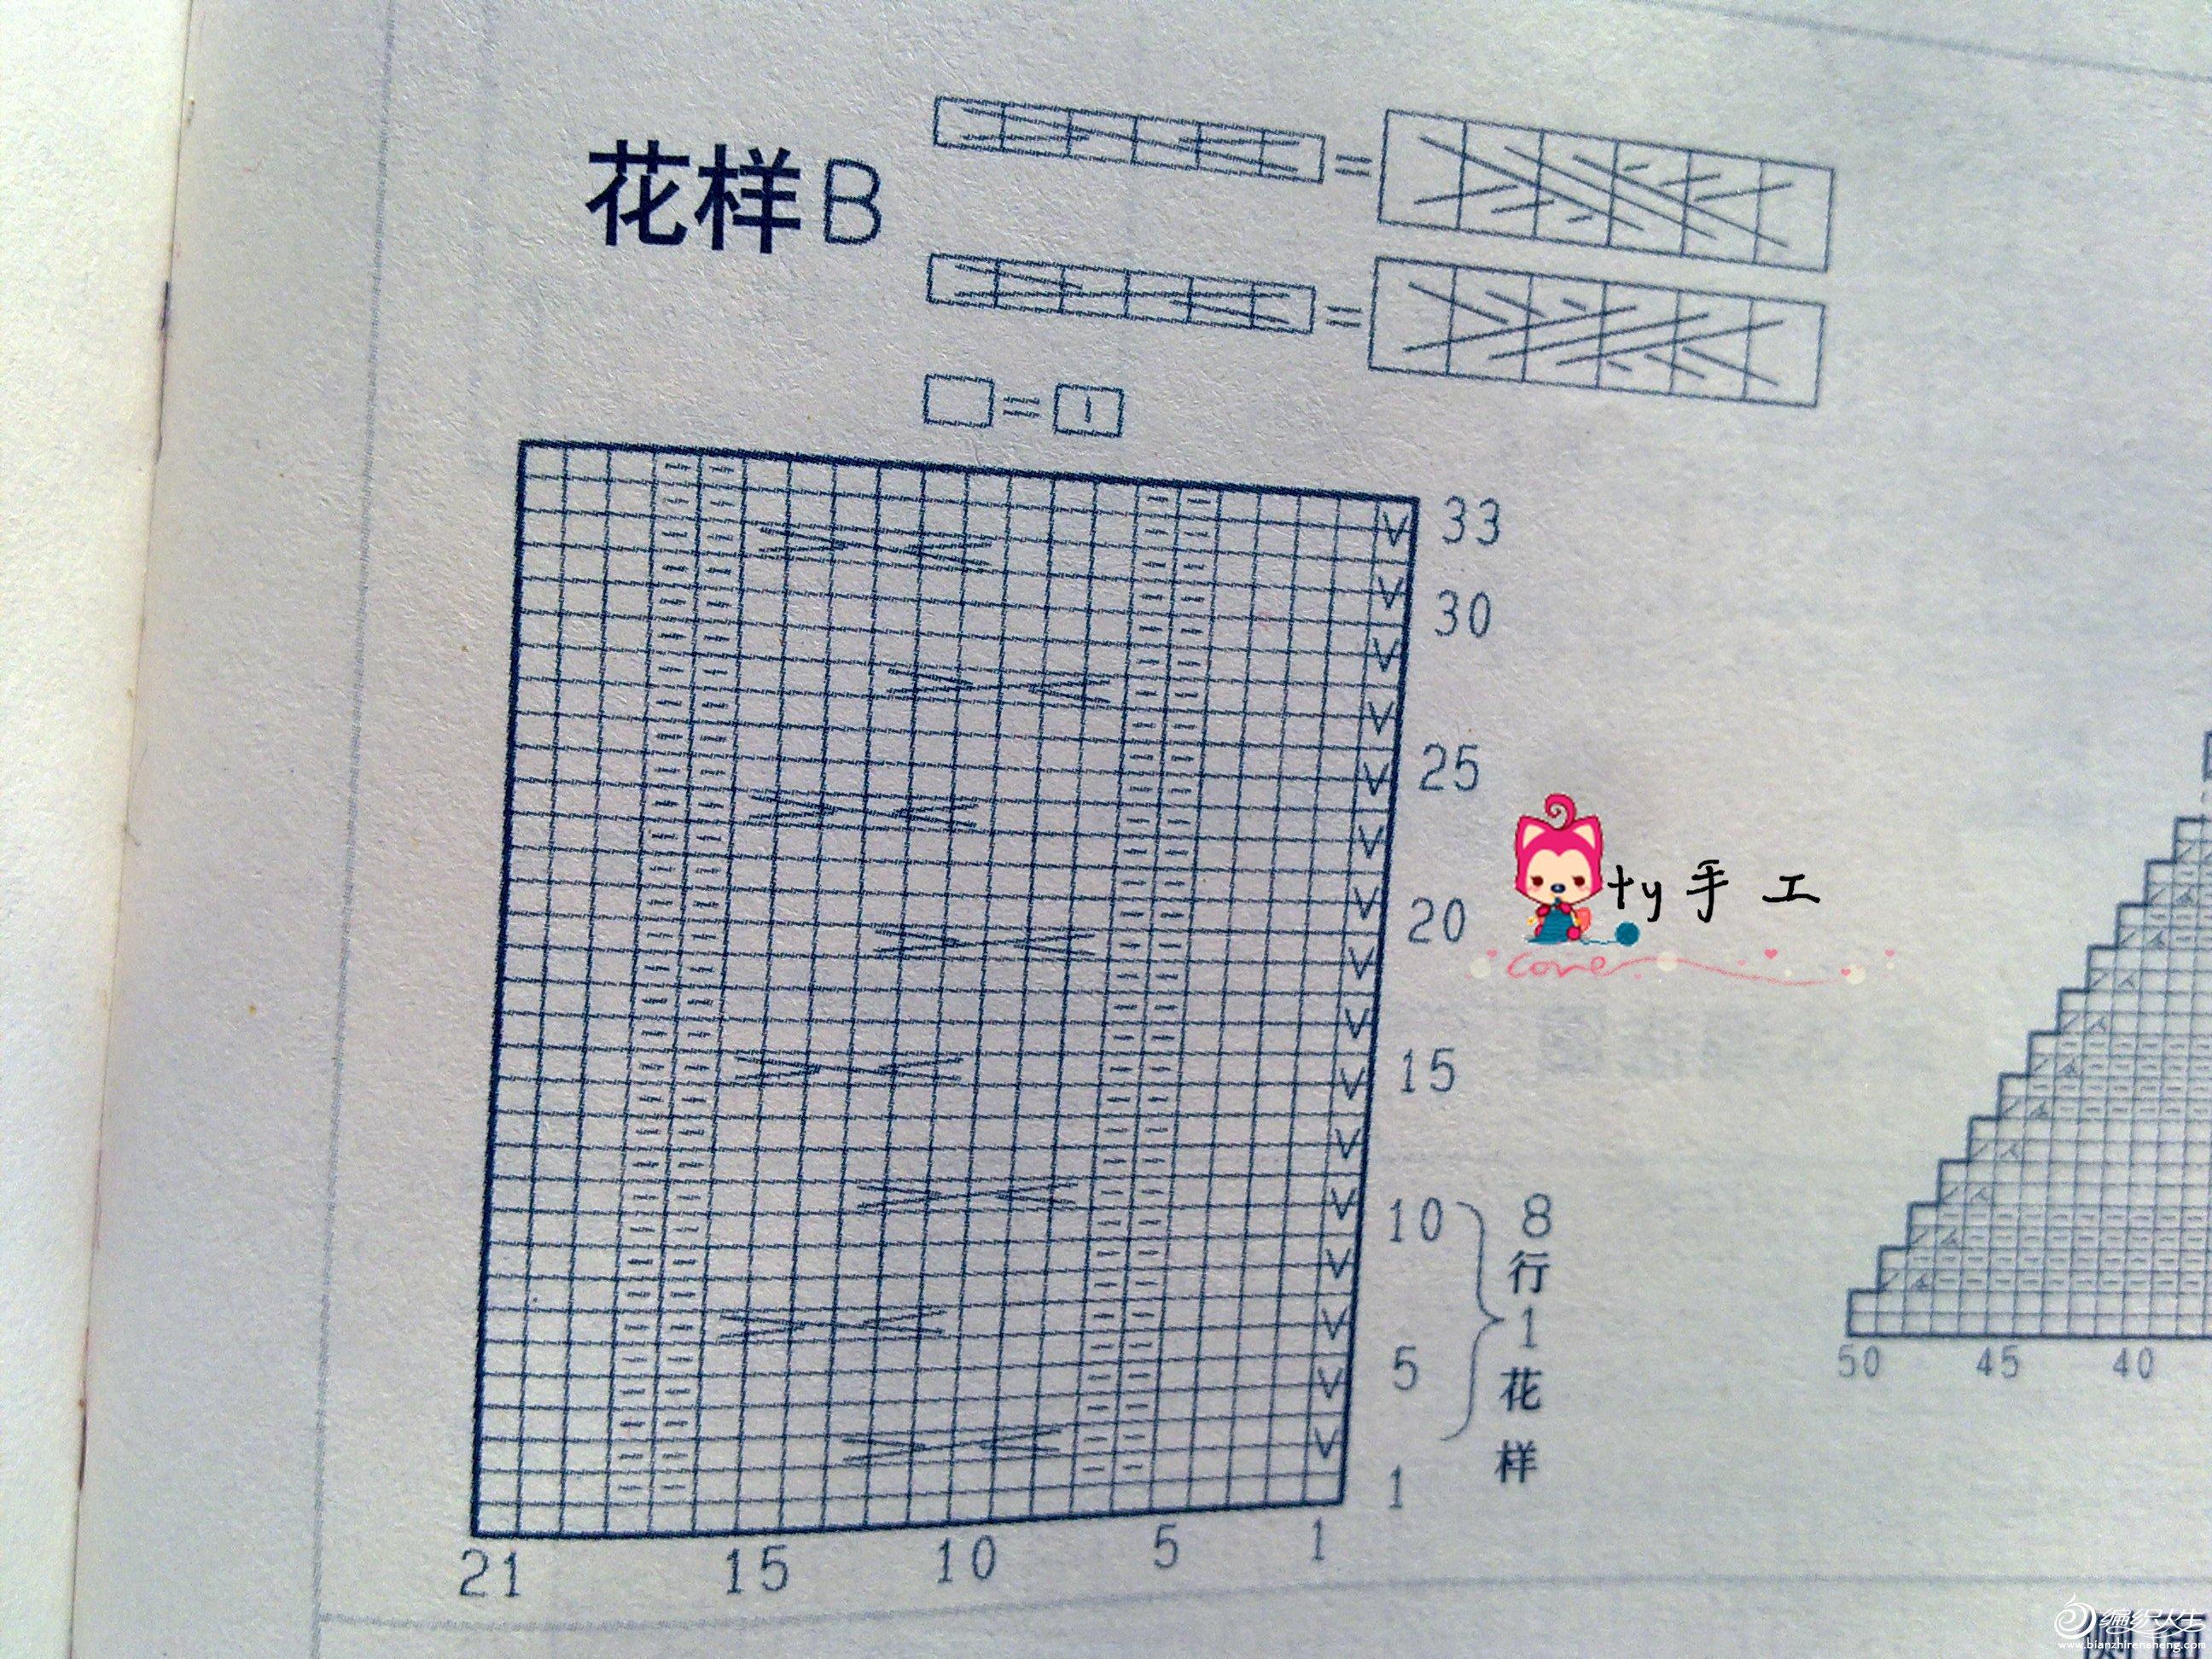 貂绒帽图解2.jpg